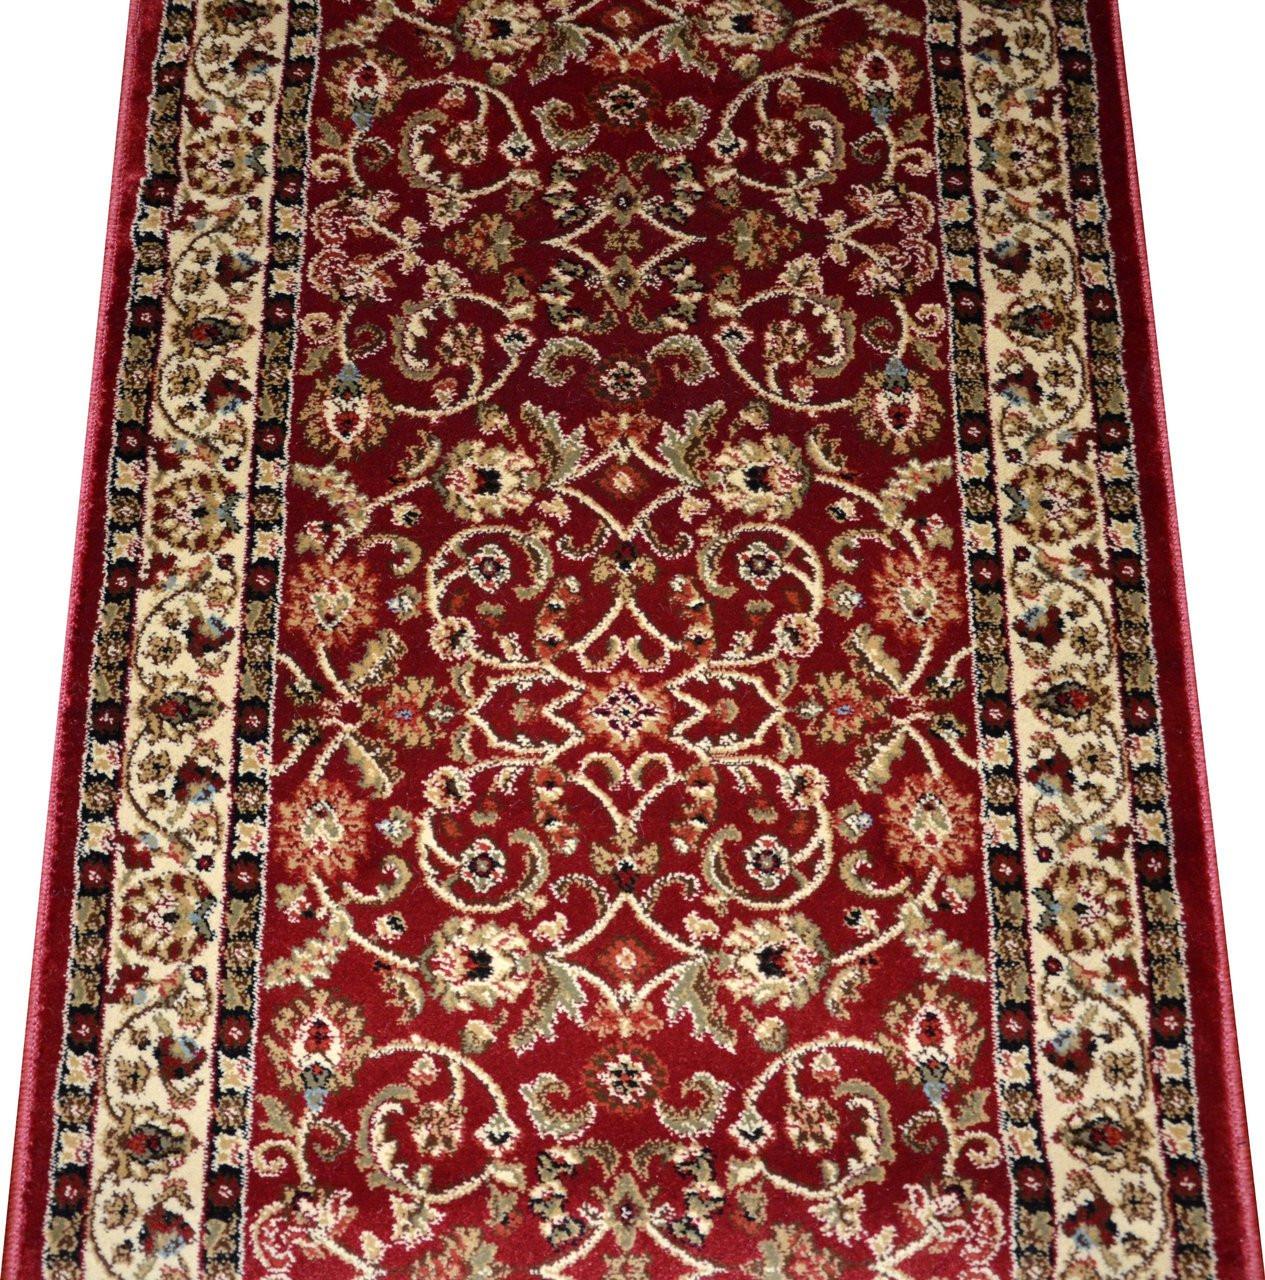 Dean Classic Keshan Claret Red Custom Length Carpet Rug